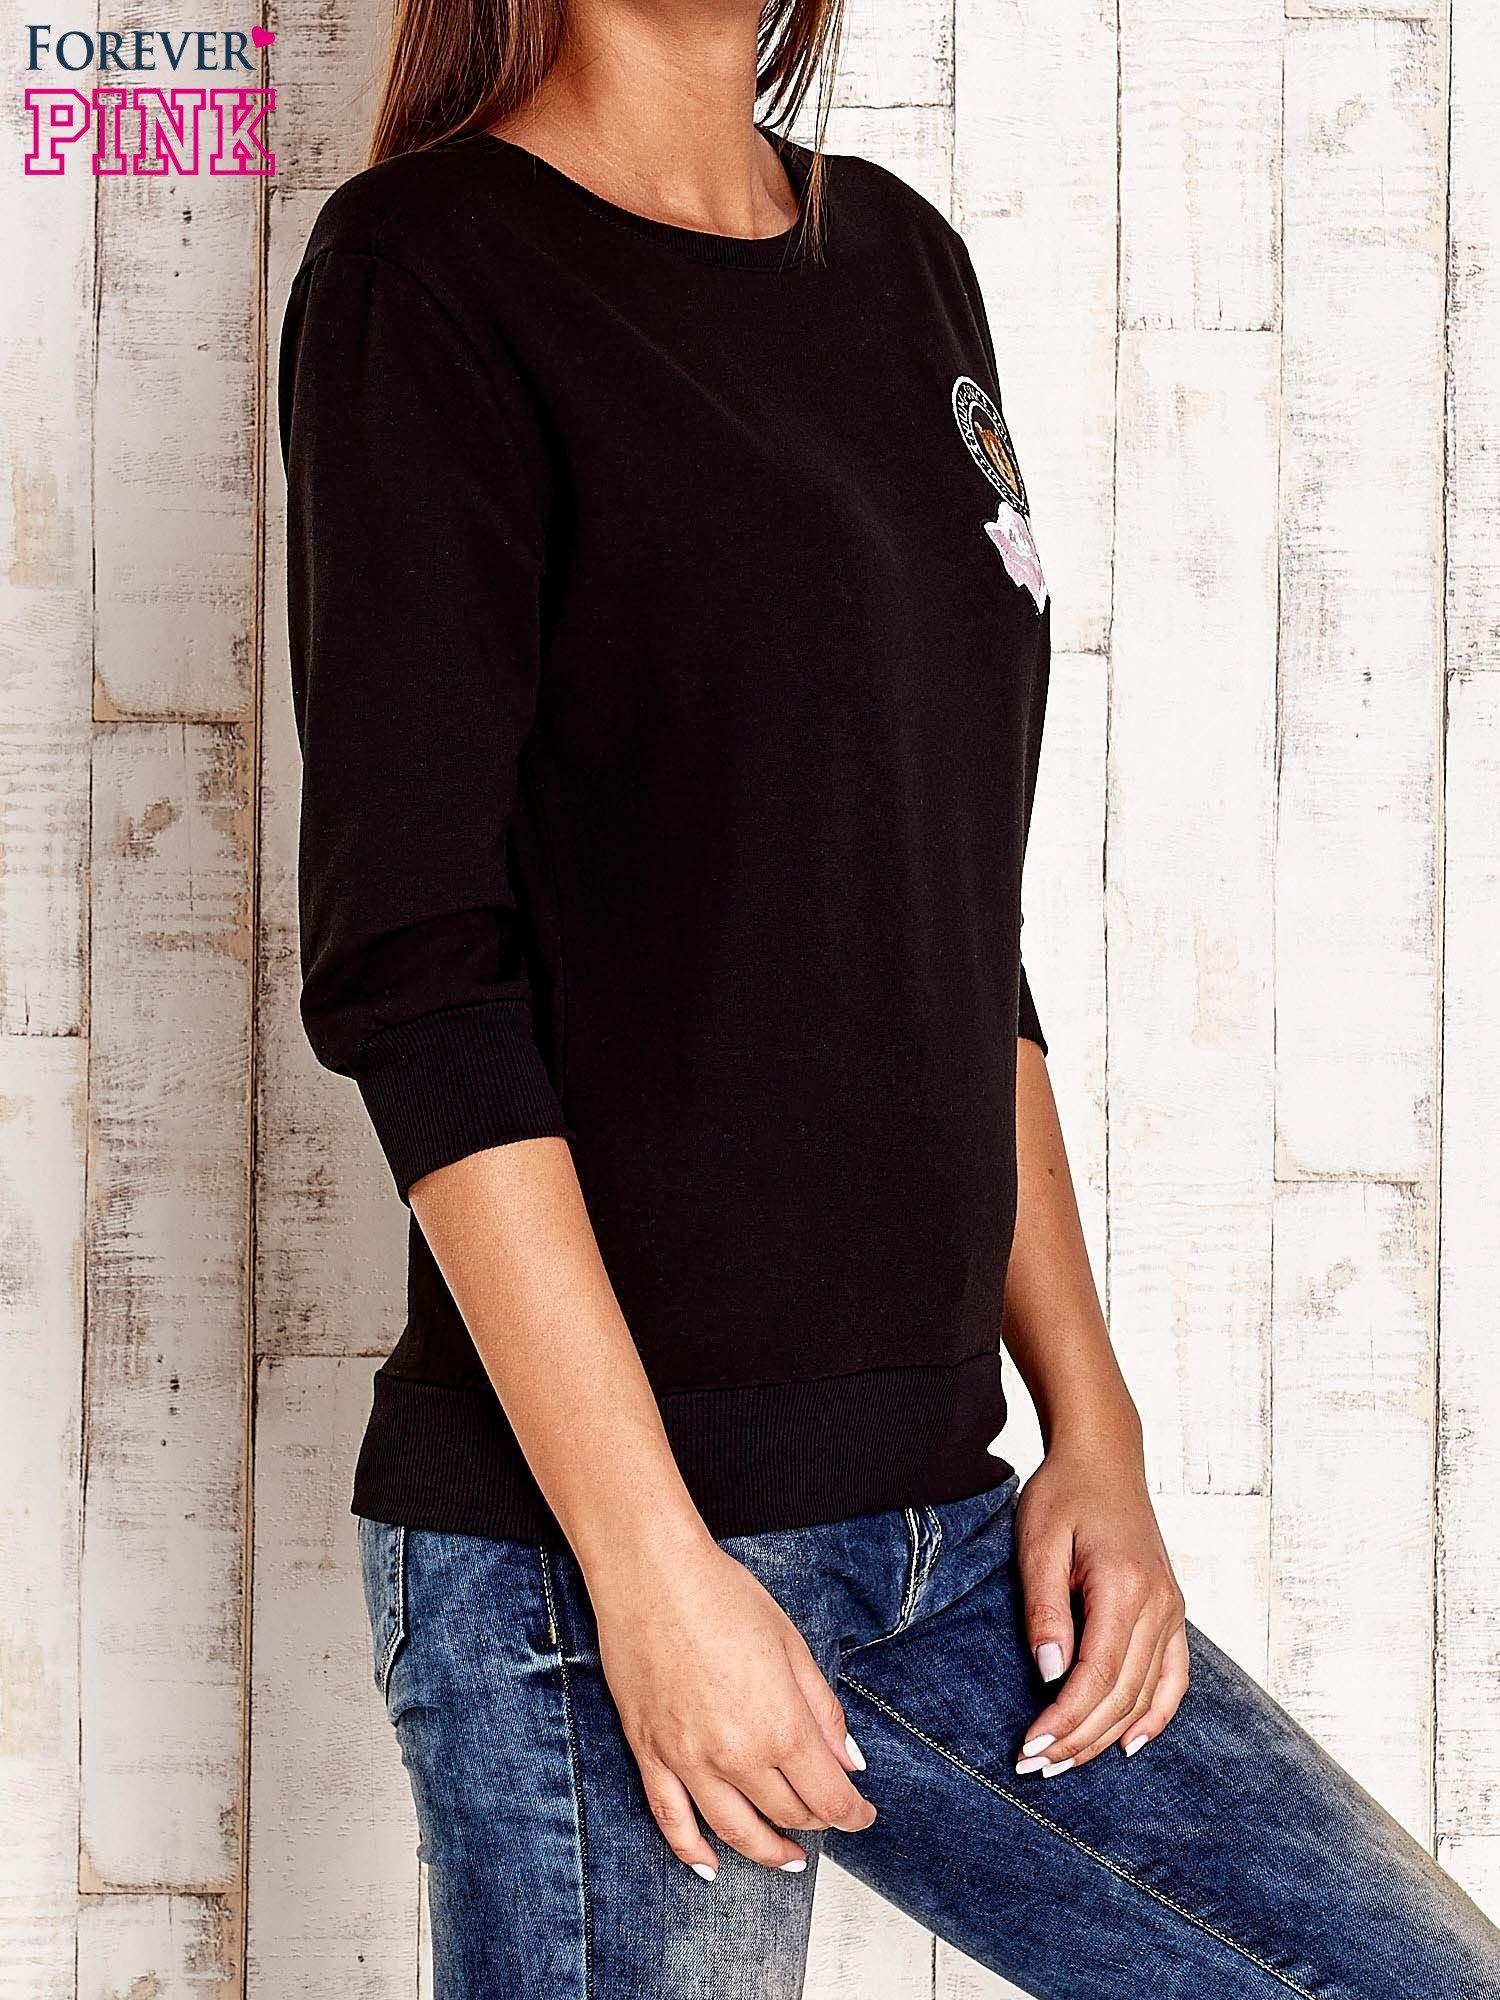 Czarna bluza z naszywkami i ściągaczami                                  zdj.                                  3